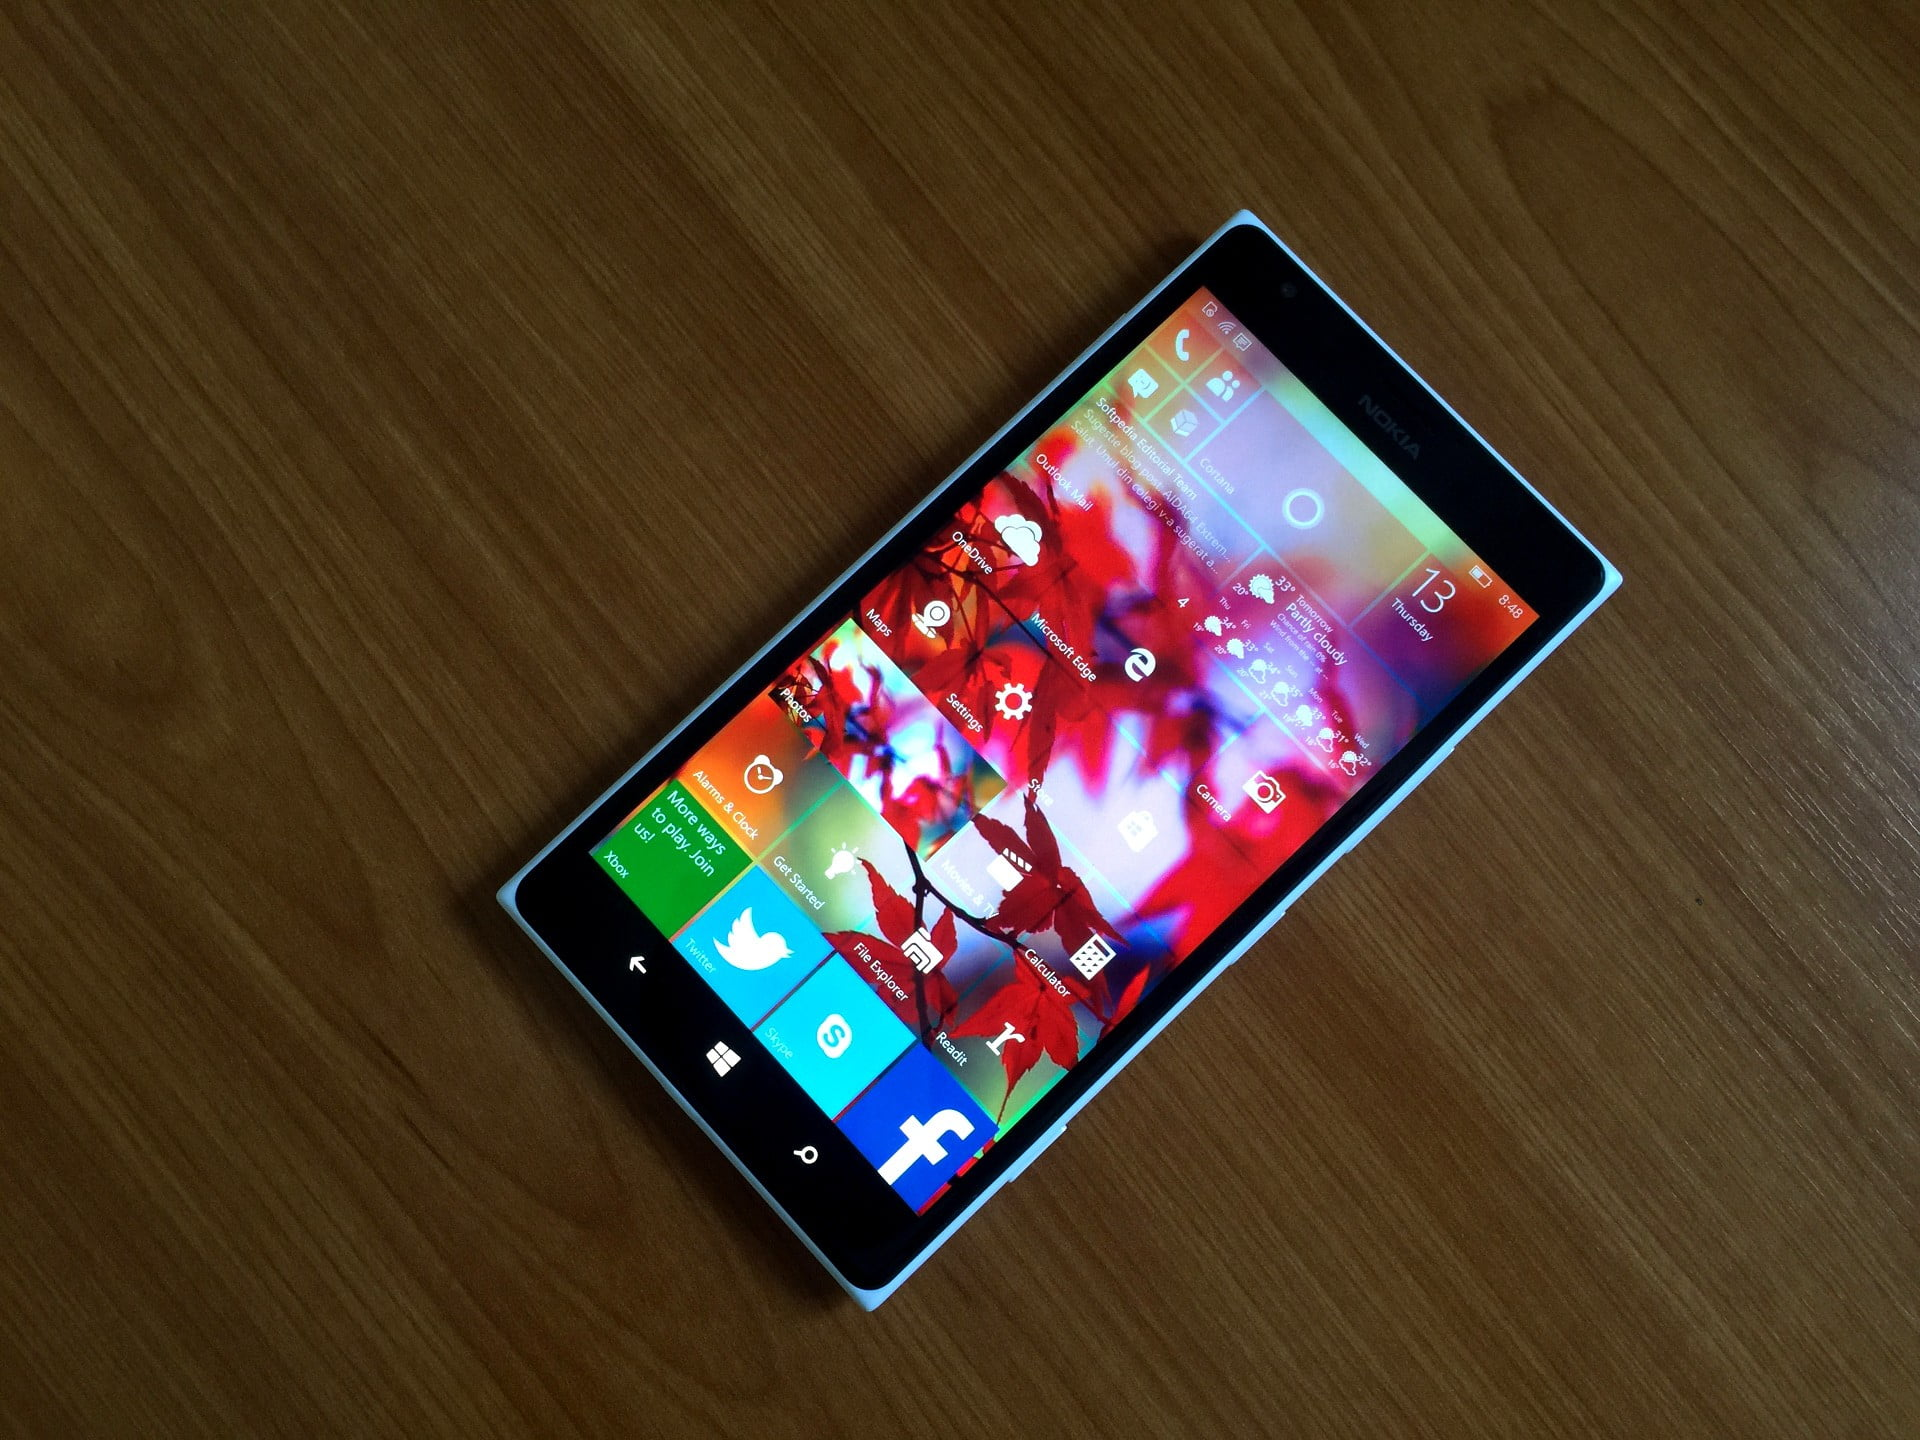 Teléfono con windows 10 mobile